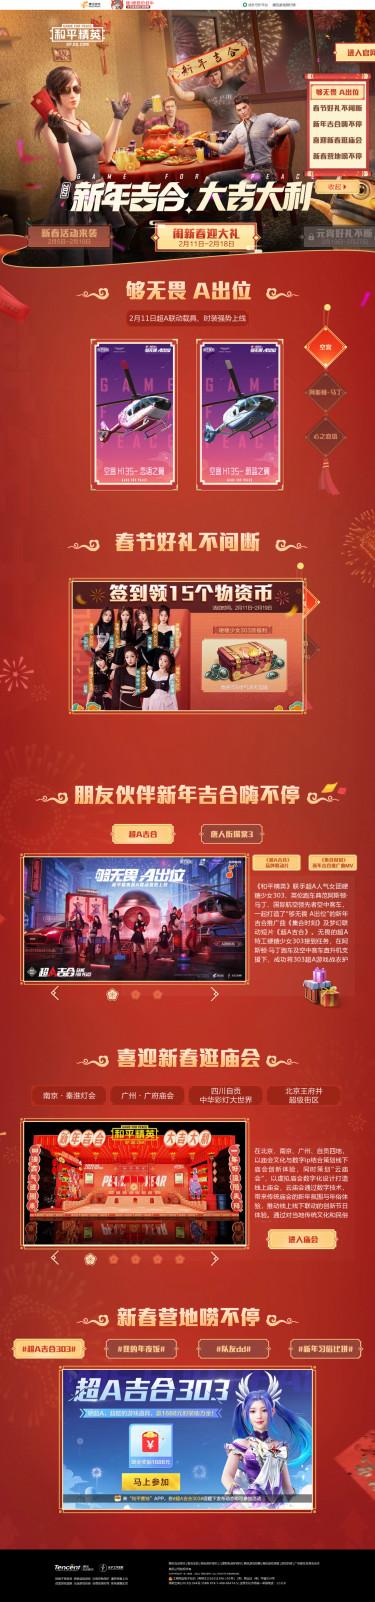 和平精英 - 官方网站,腾讯游戏